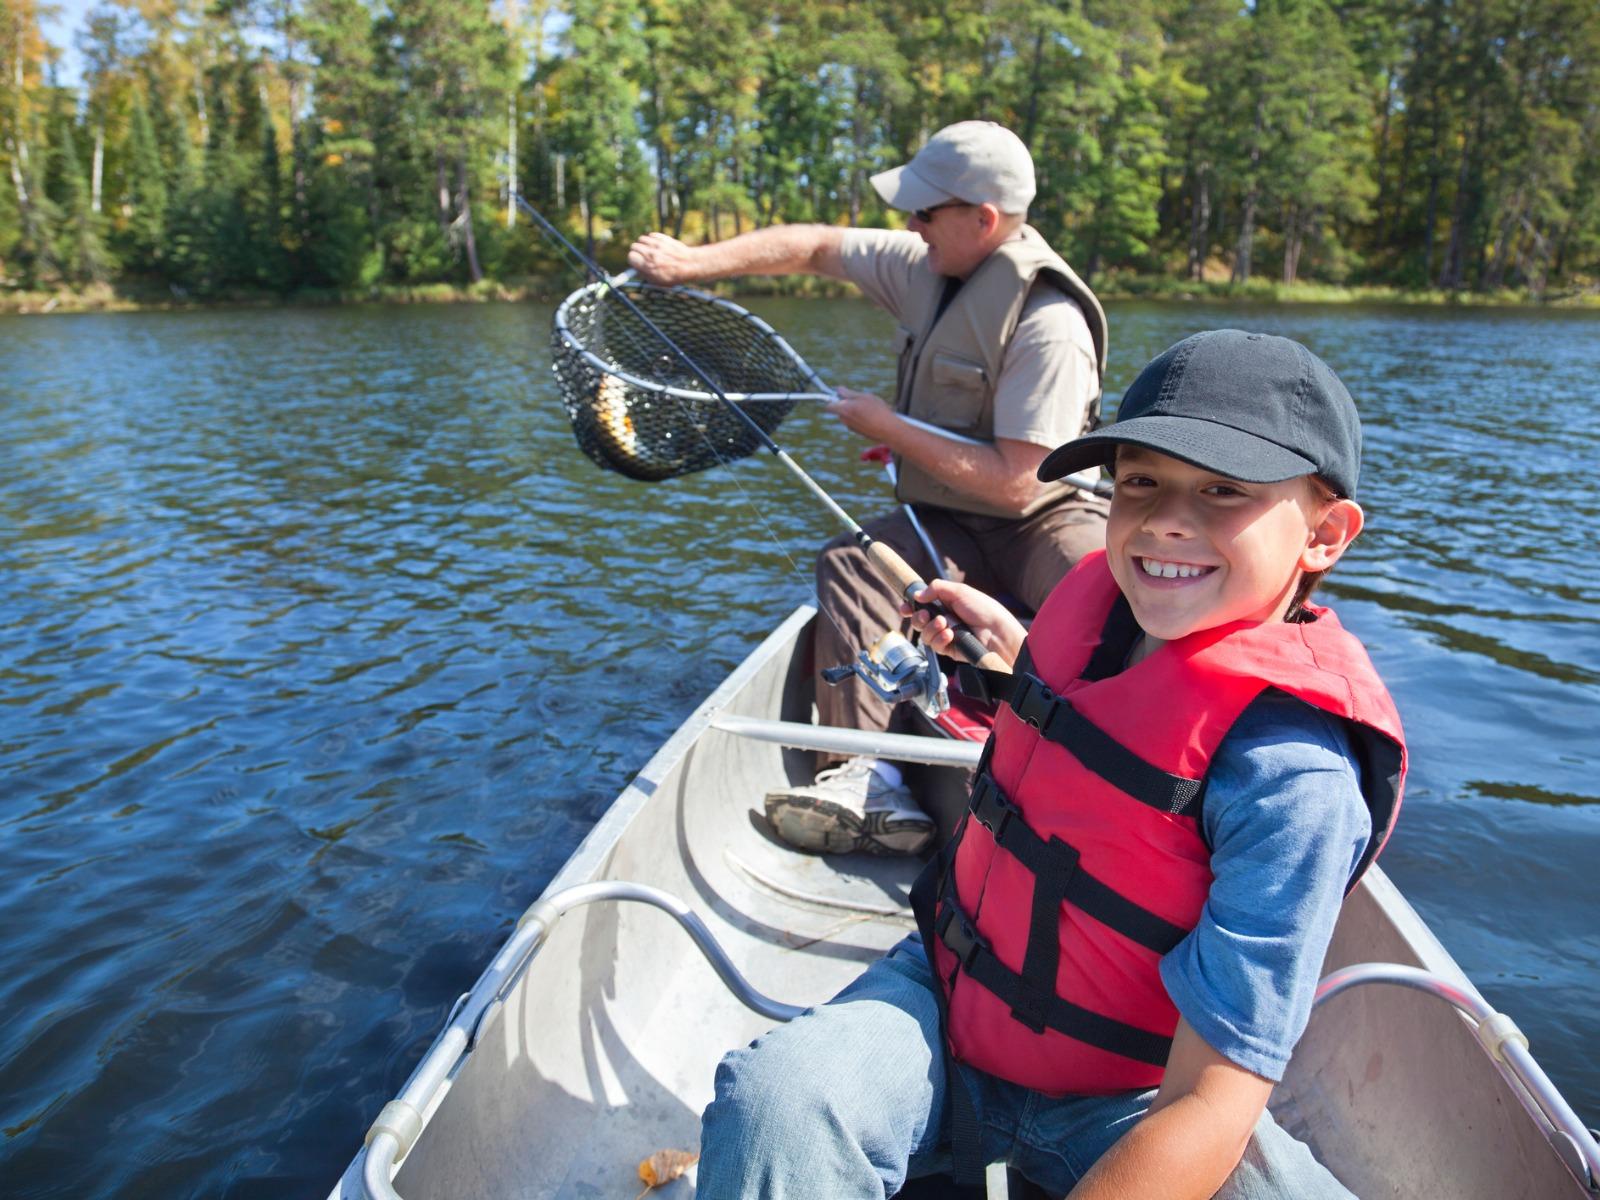 シーカヤックで釣りを始めよう!カヤックフィッシングの魅力やおすすめスポット情報